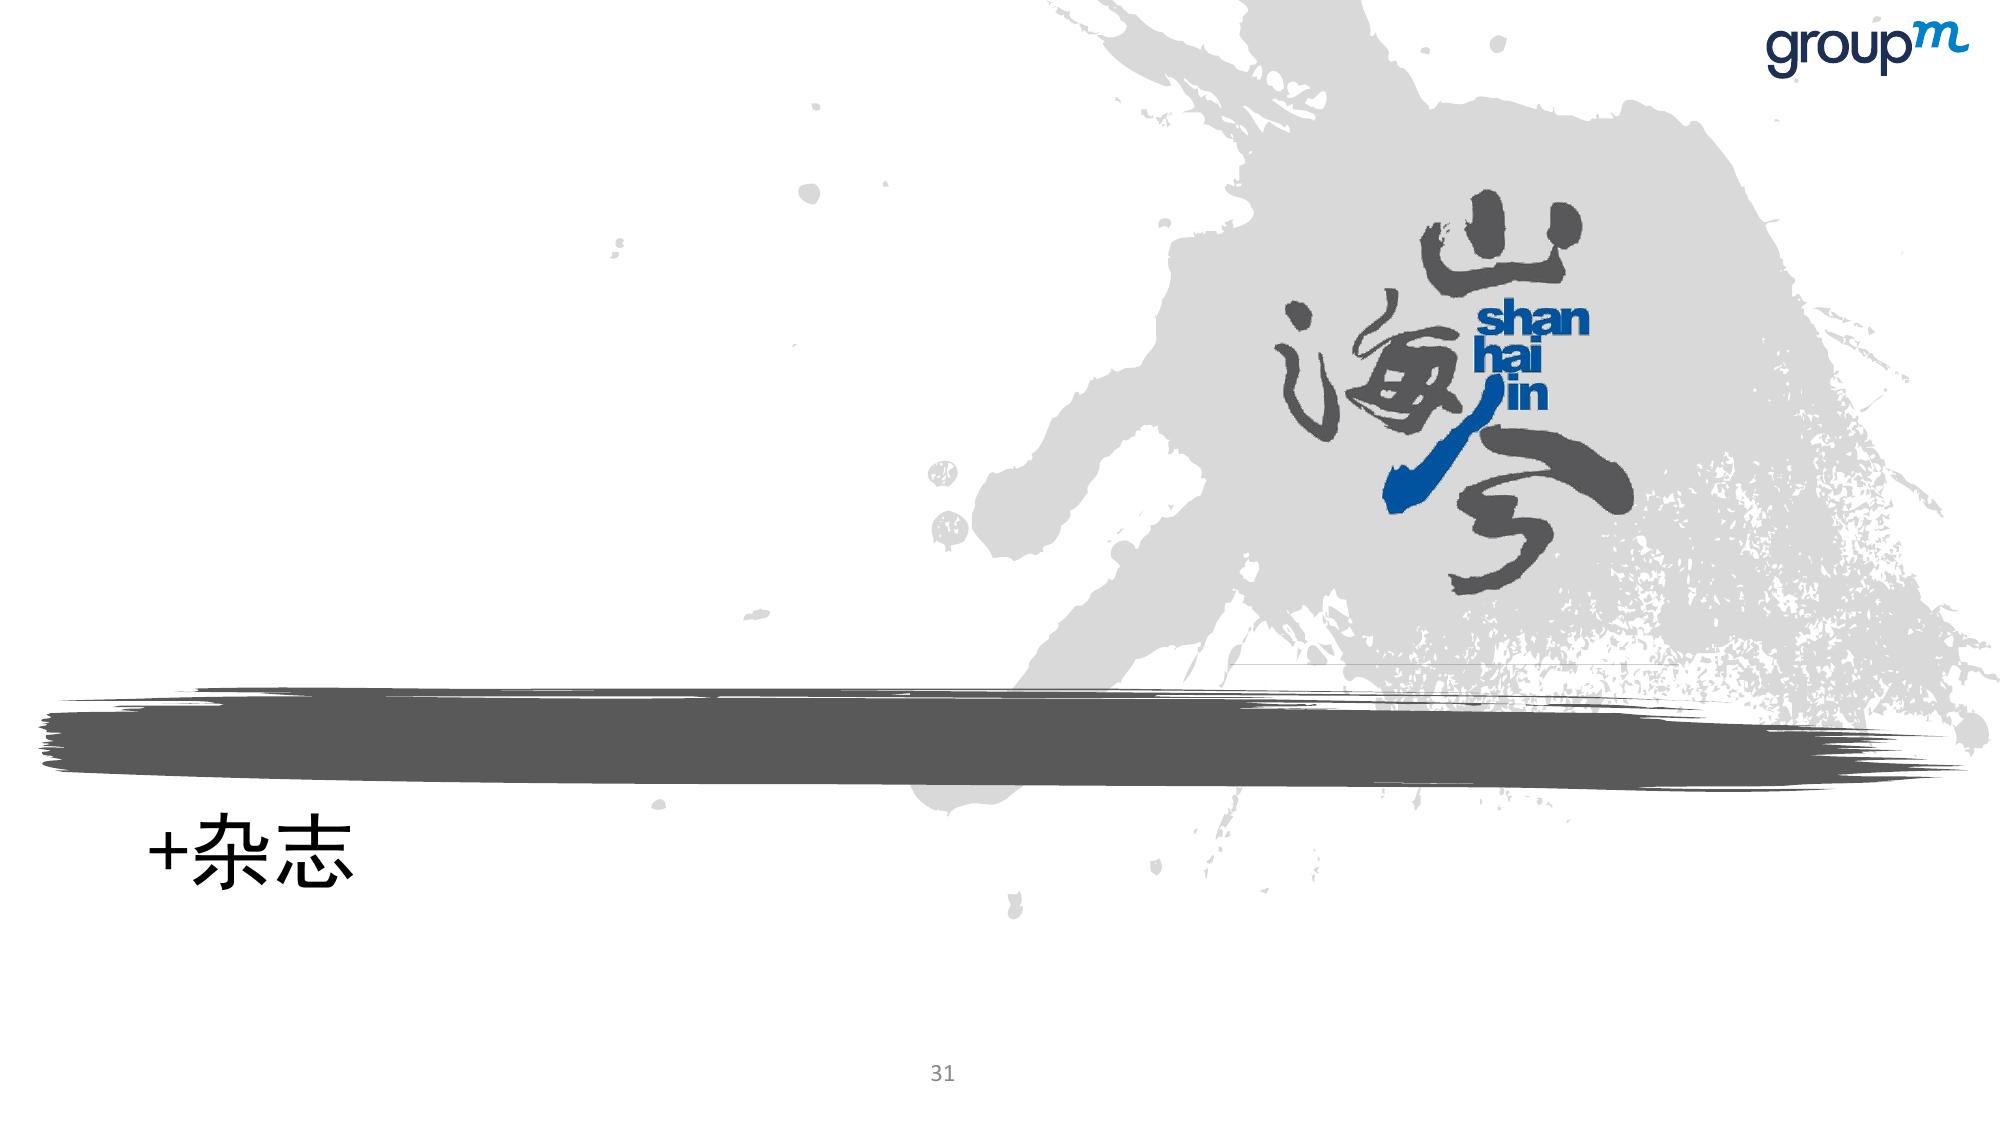 山海今2015中国媒介趋势报告_000031